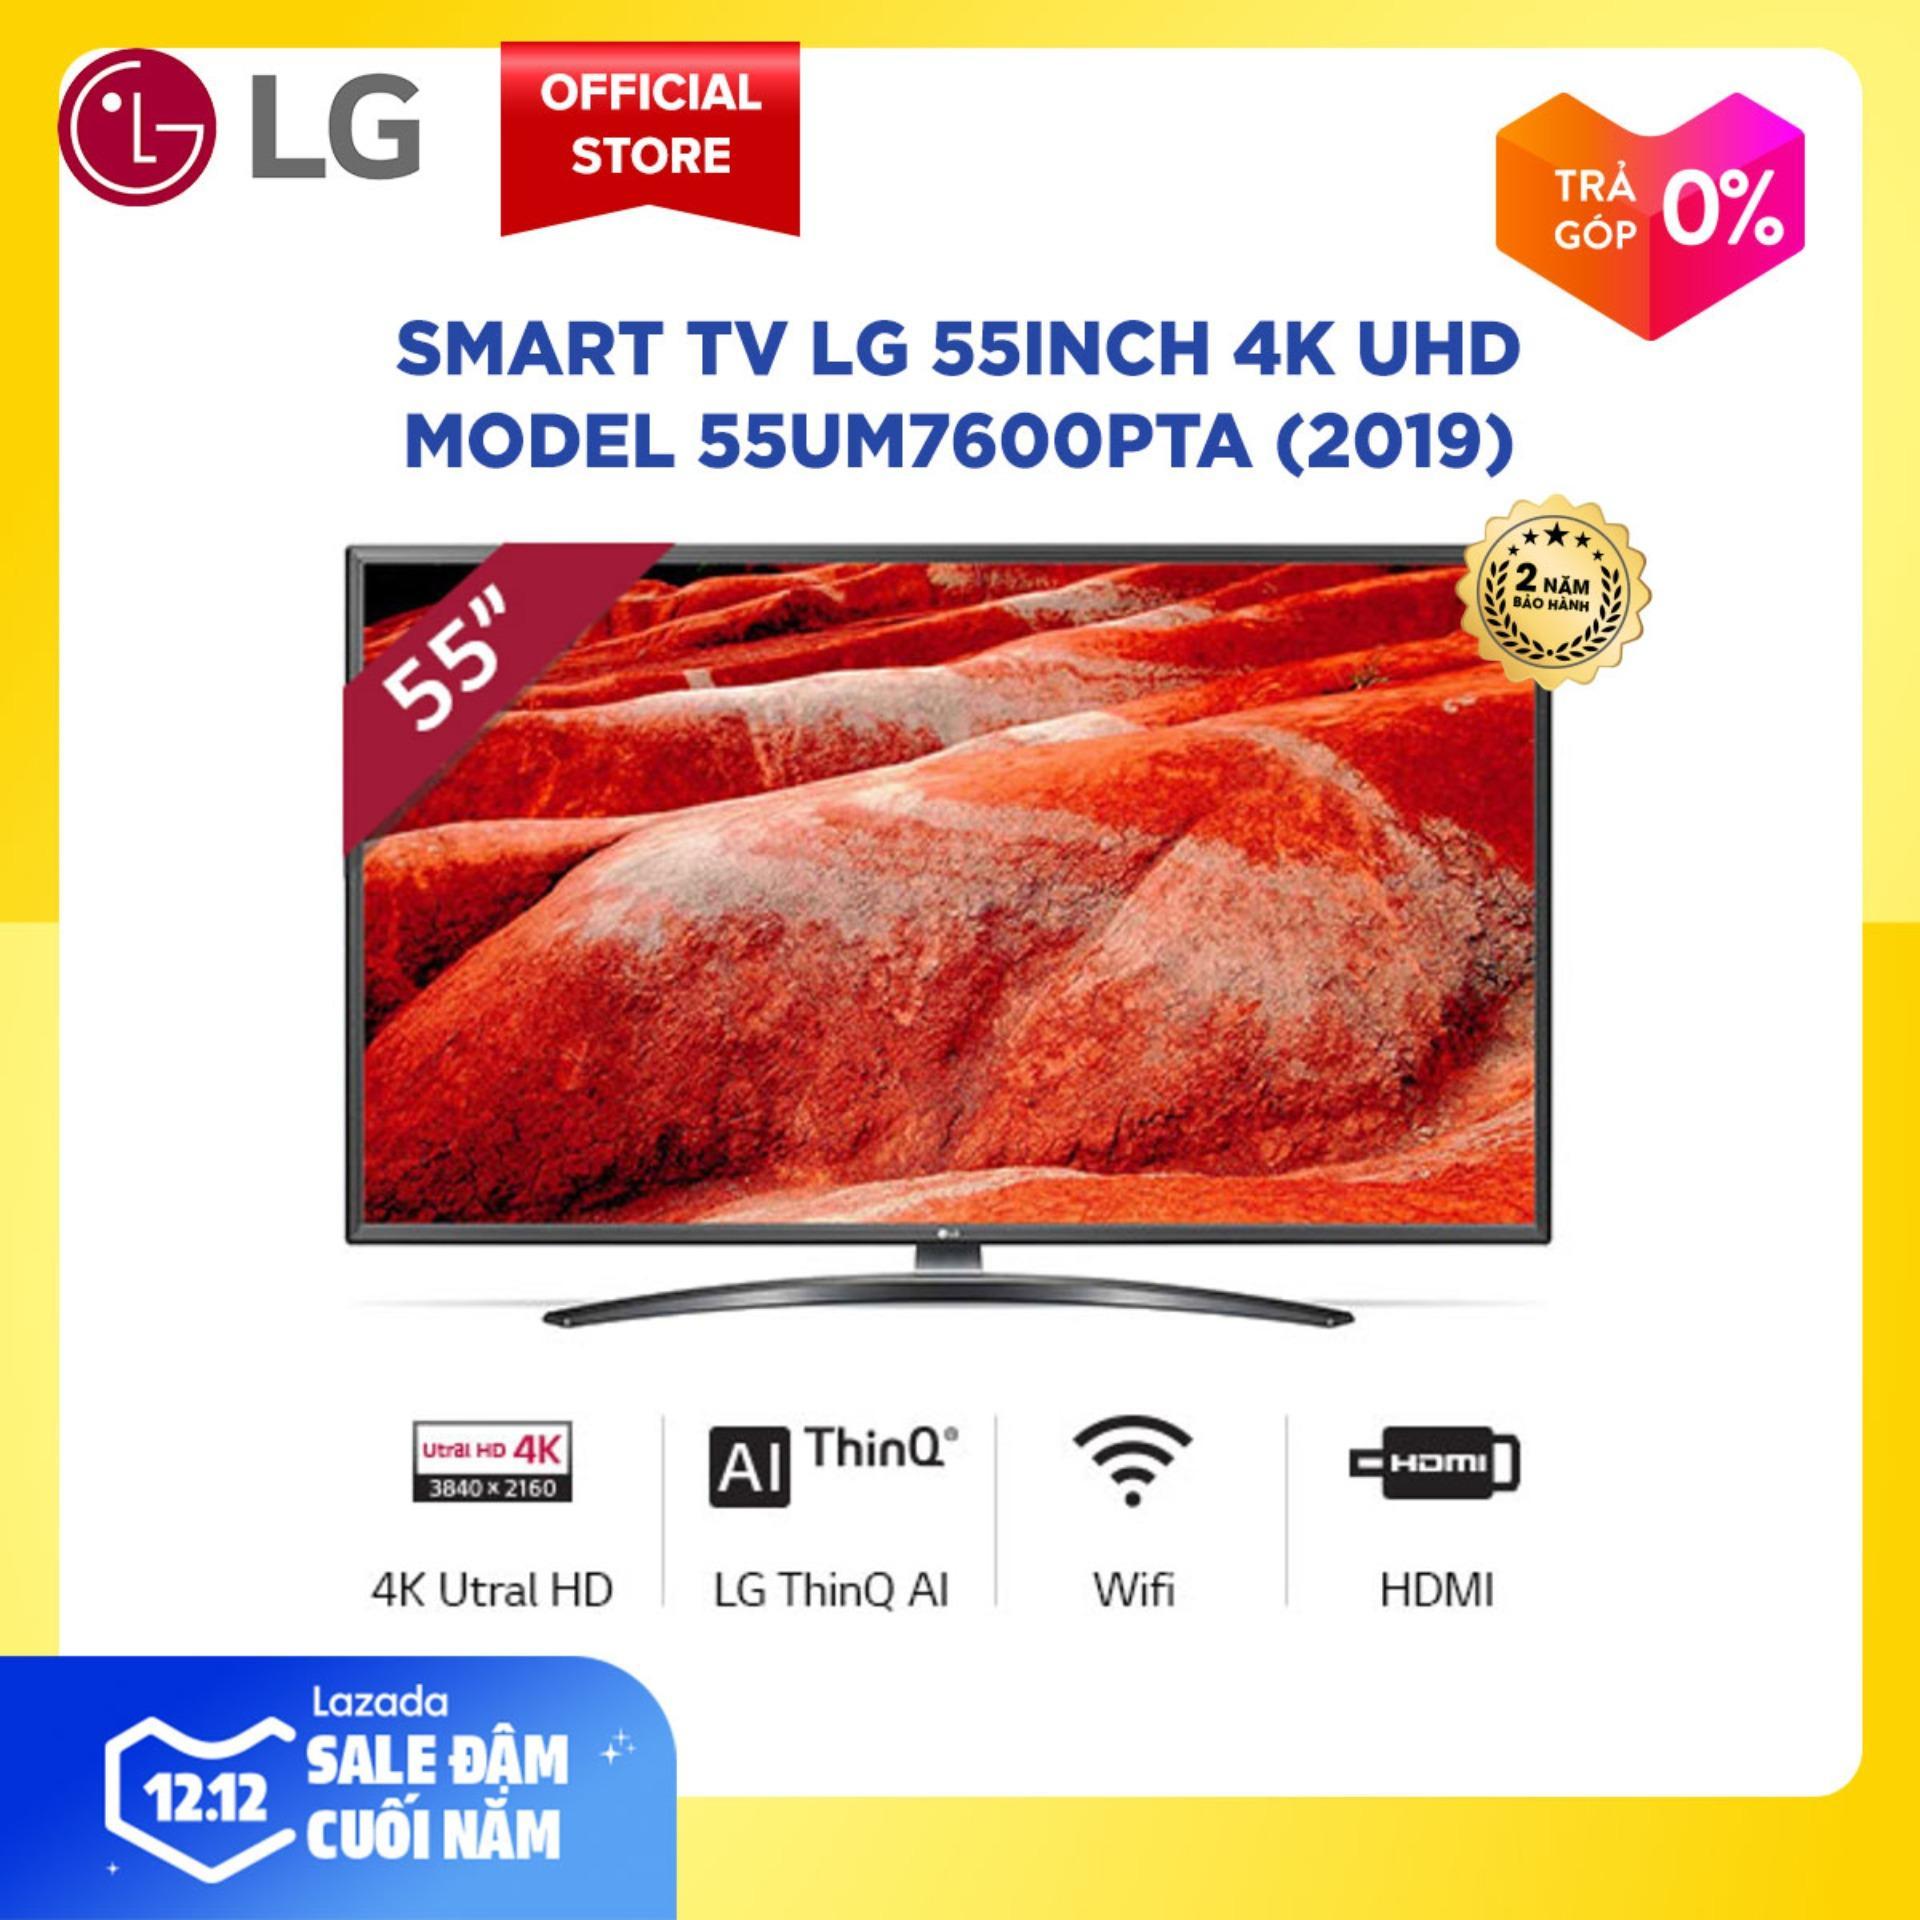 Smart TV LG 55inch 4K UHD - Model 55UM7600PTA (2019) độ Phân Giải 3840x2160 Hệ điều Hành WebOS 4.0 Trí Tuệ Nhân Tạo AI - Hãng Phân Phối Chính Thức Giá Siêu Rẻ